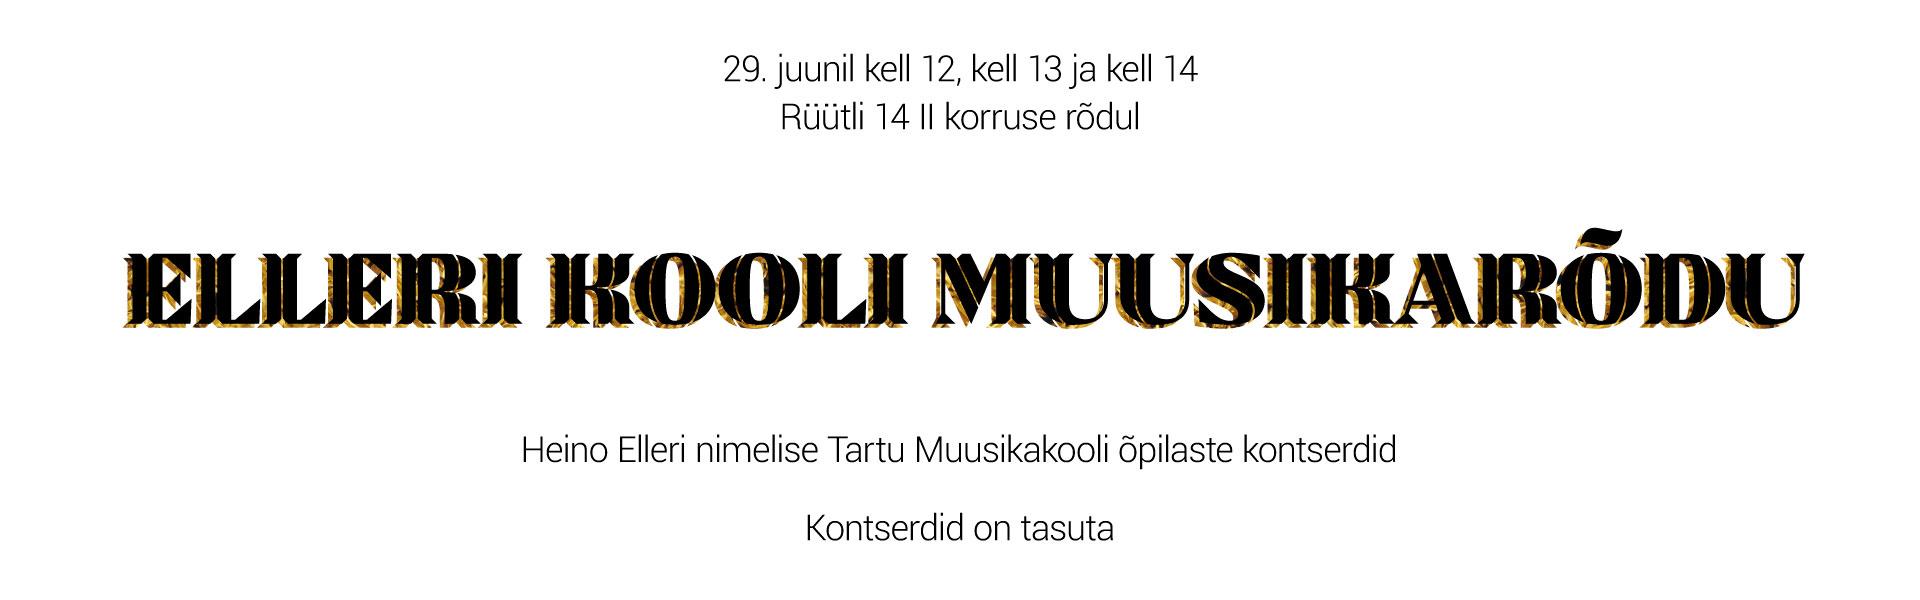 29-12-1400-elleri-muusikarodud